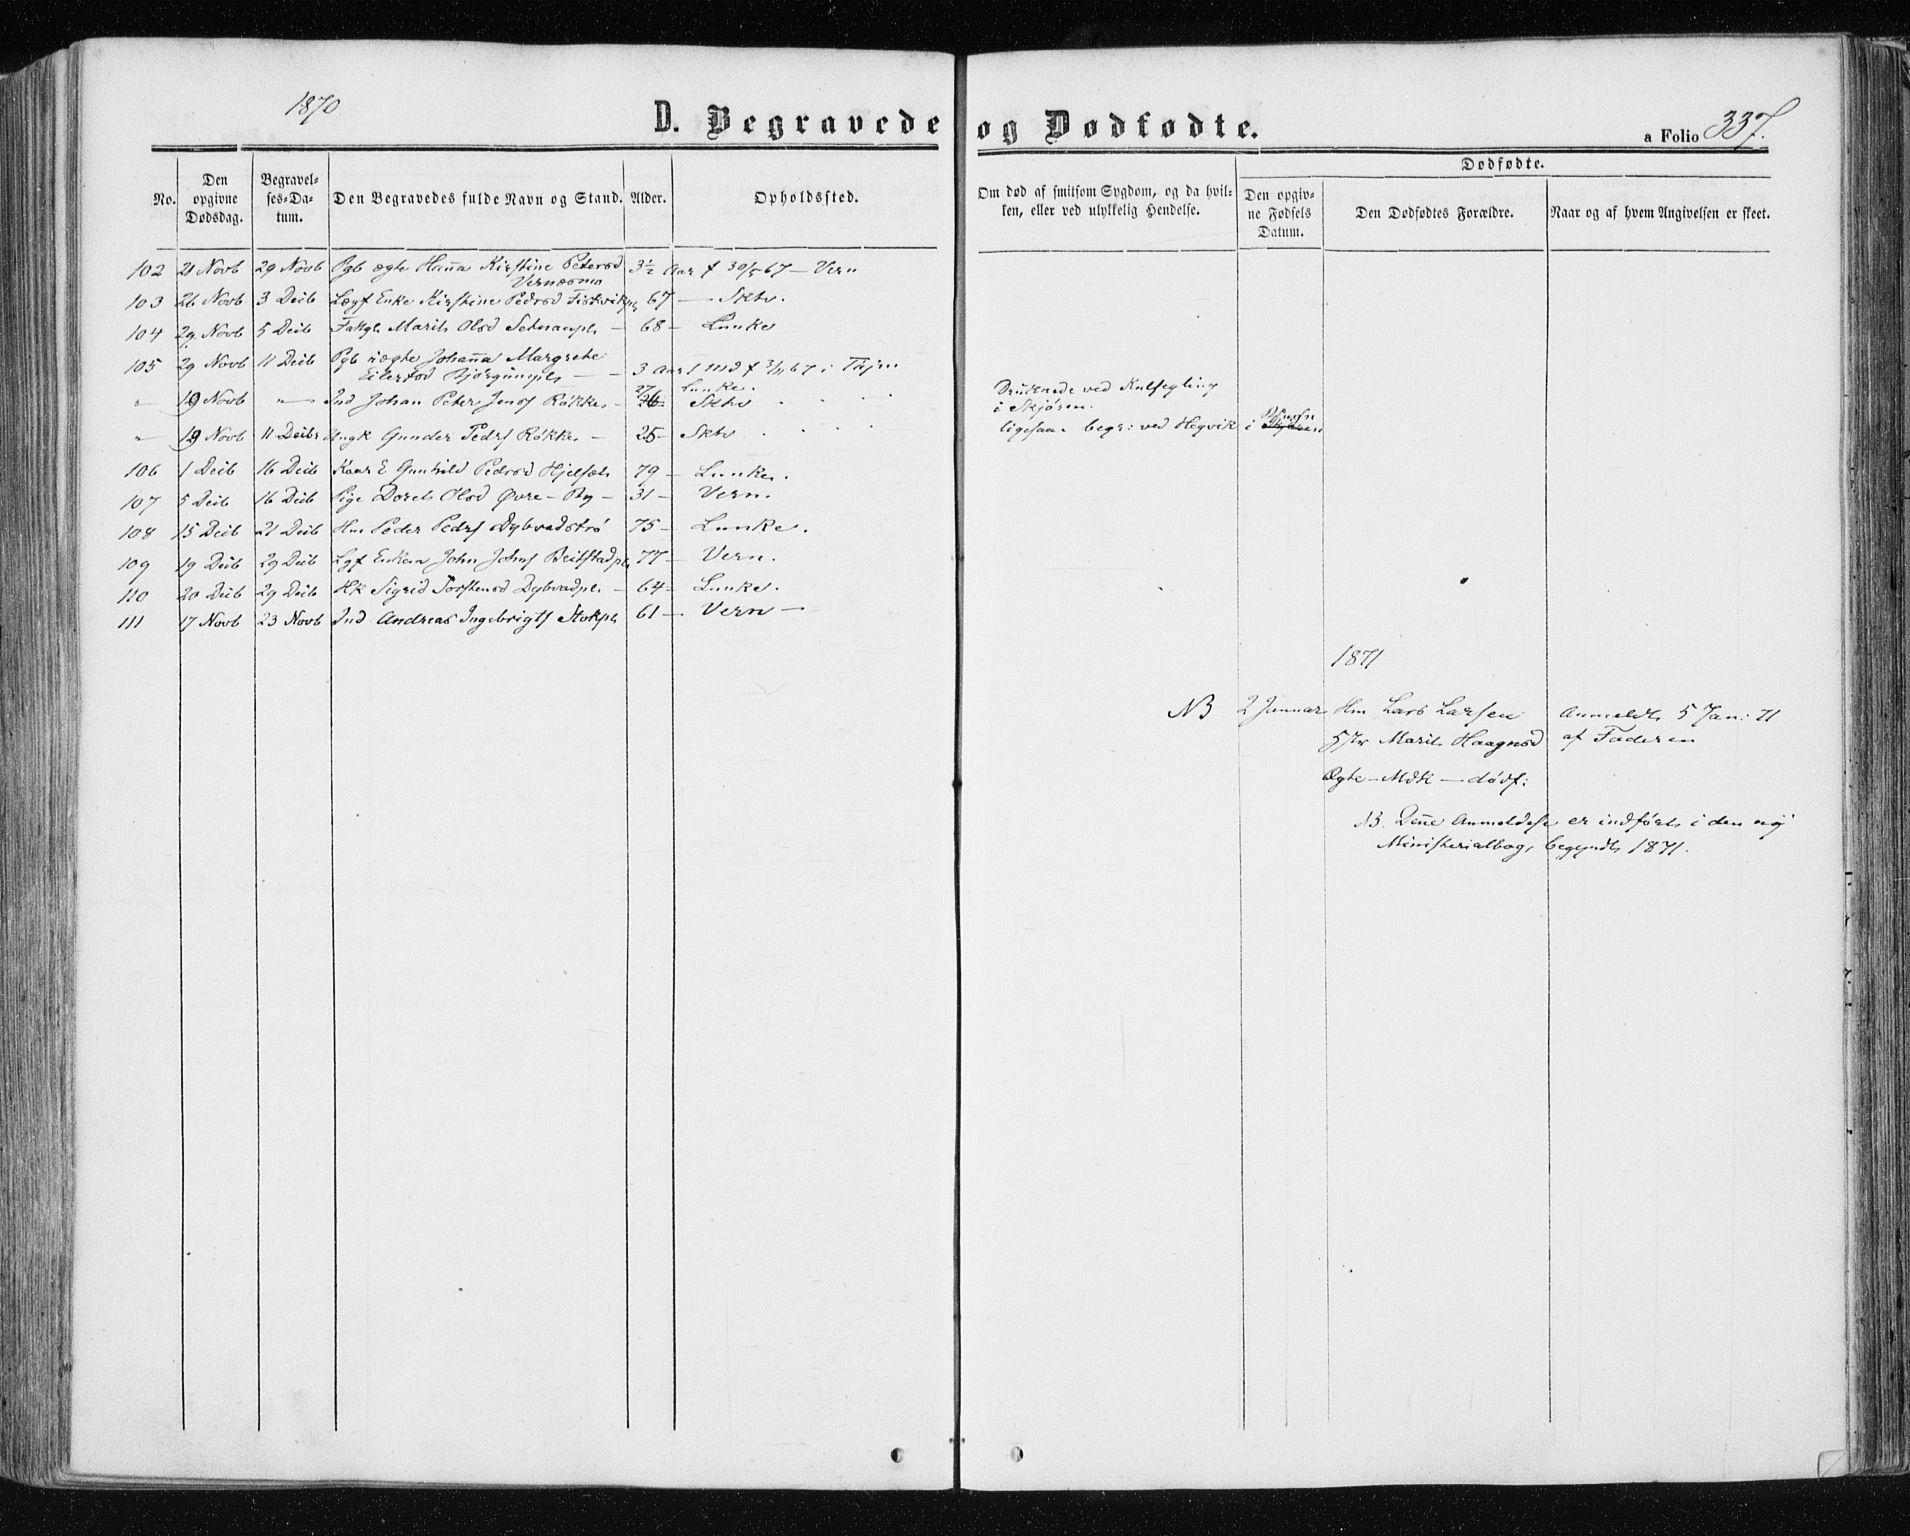 SAT, Ministerialprotokoller, klokkerbøker og fødselsregistre - Nord-Trøndelag, 709/L0075: Ministerialbok nr. 709A15, 1859-1870, s. 337